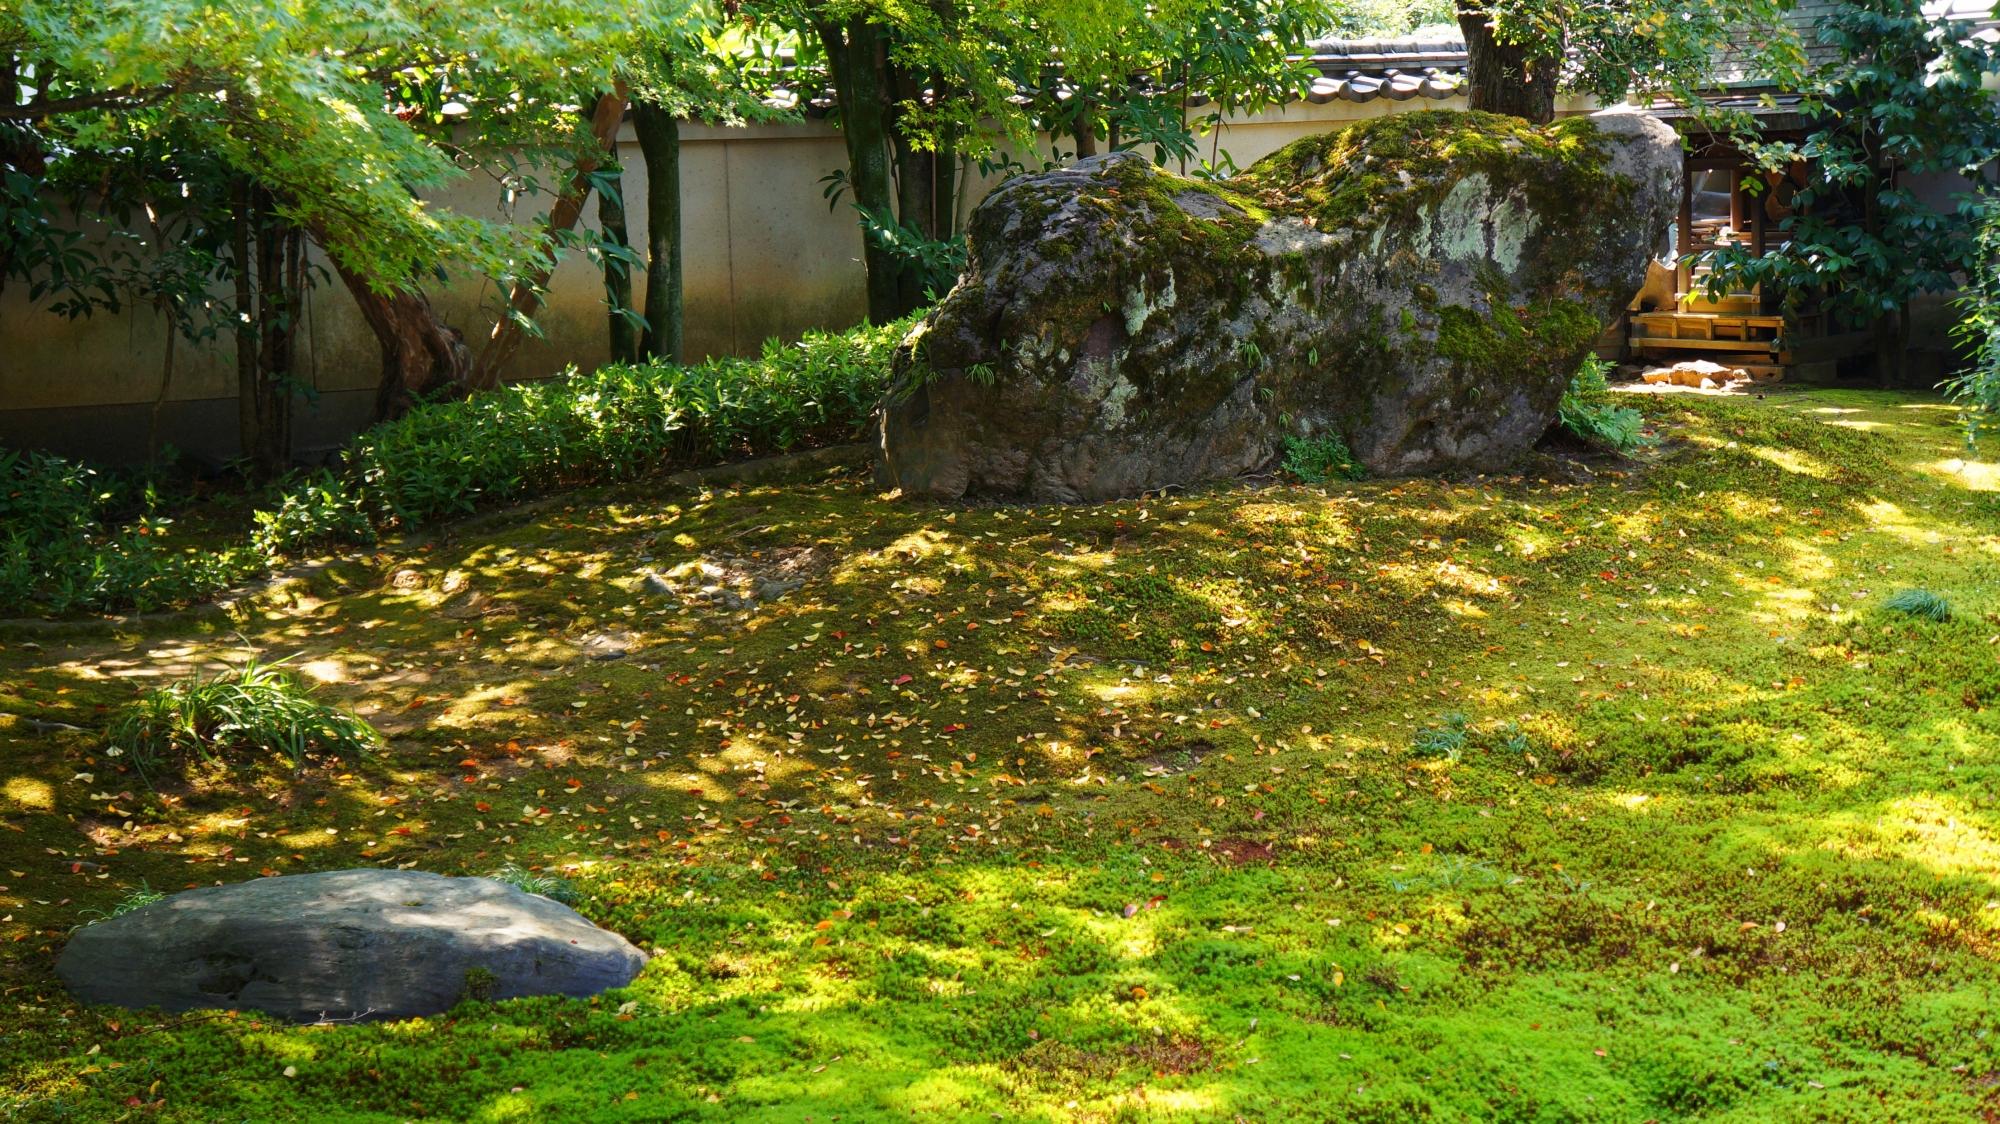 獅子の形をした獅子岩が佇む法輪寺の方丈庭園